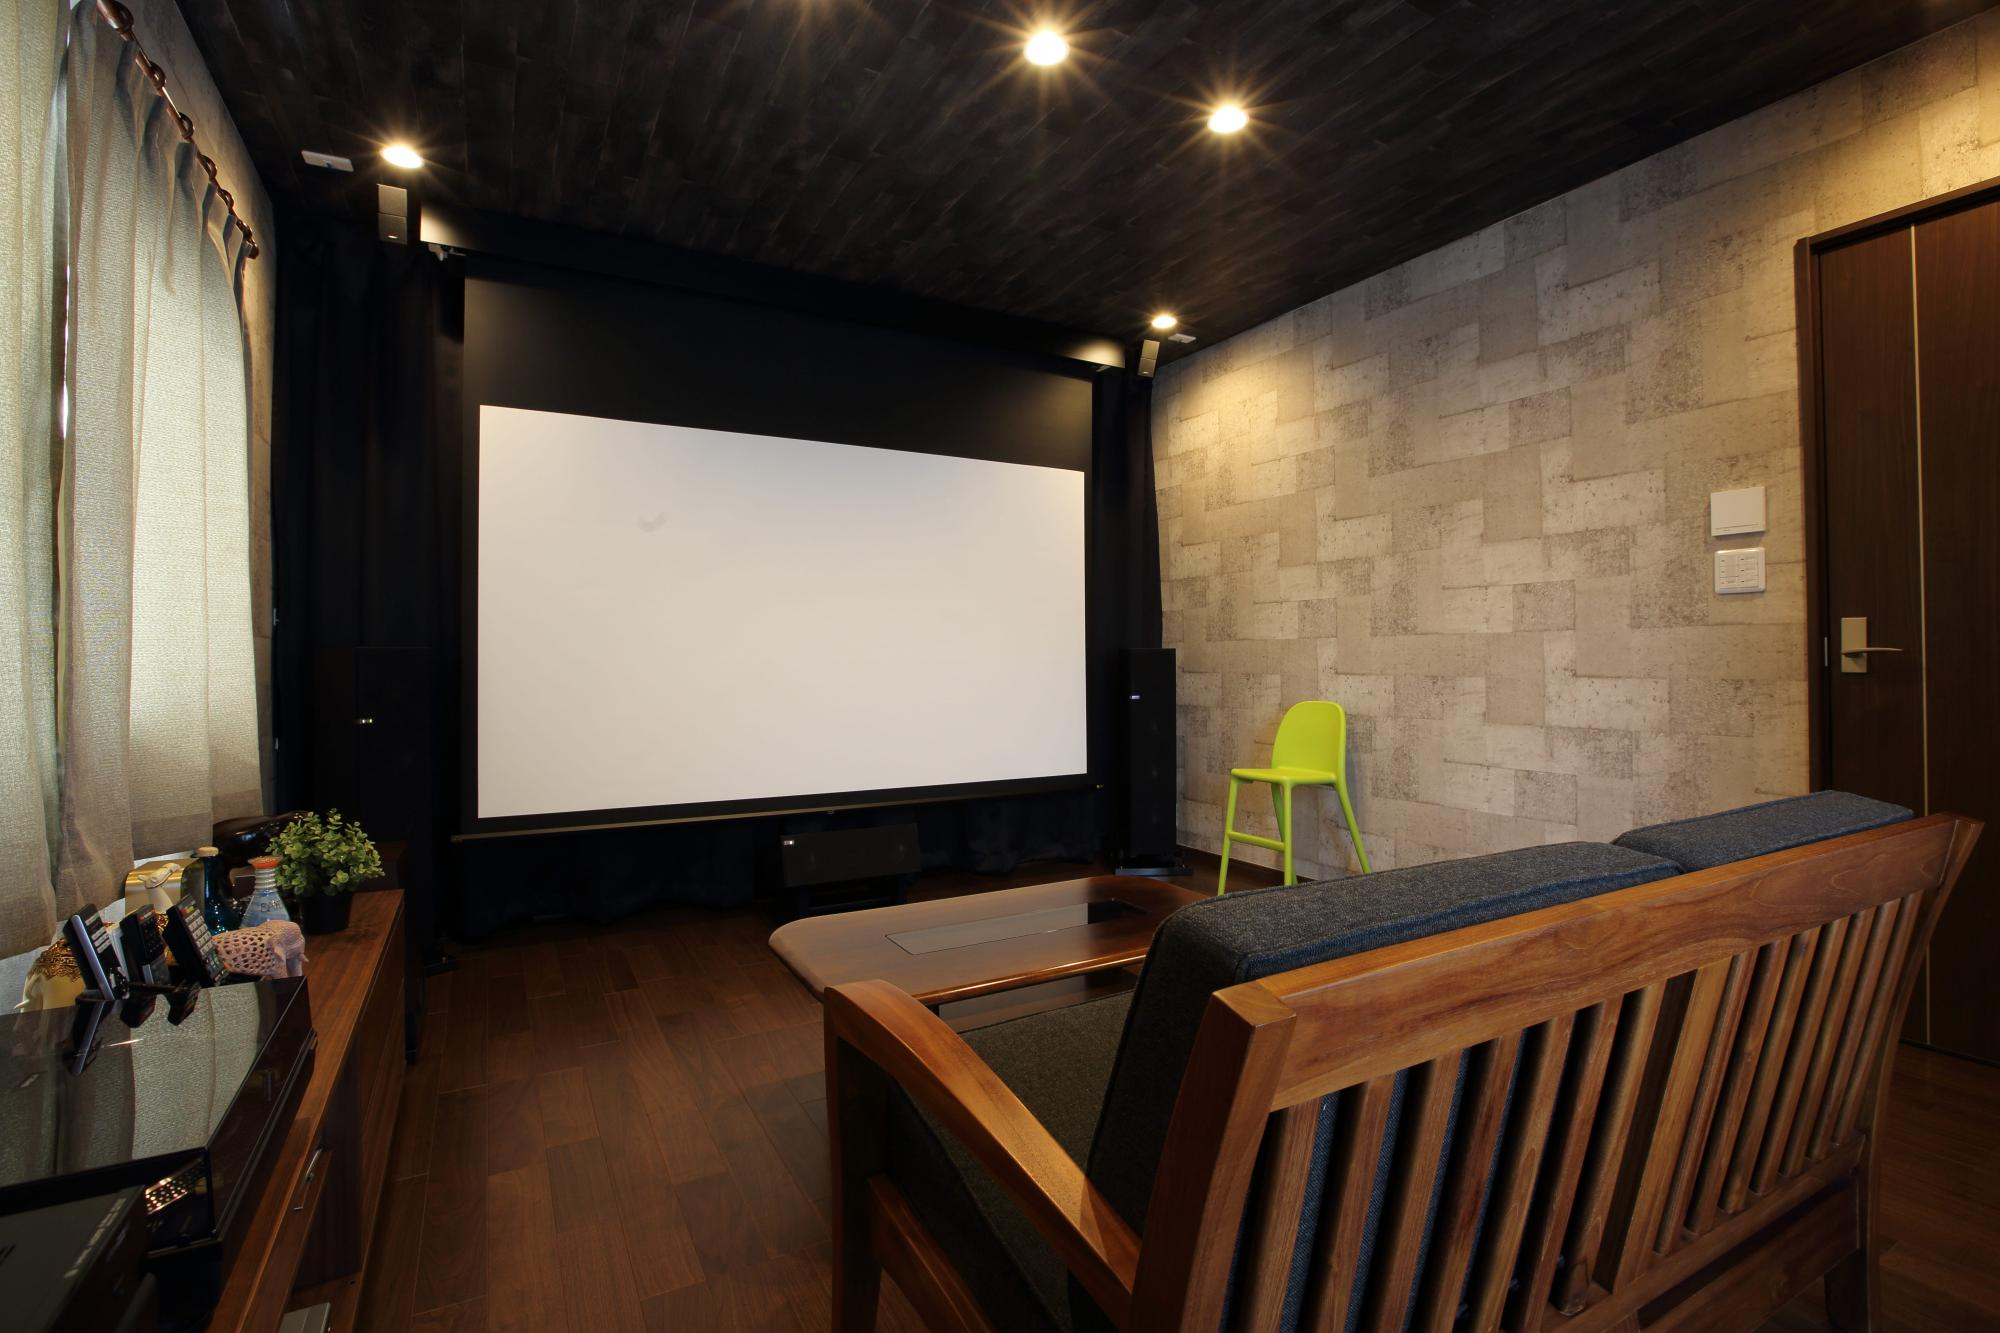 映画鑑賞が趣味だというご主人の希望で2階の一室をシアタールームに。電動式のスクリーンや最新設備の大型プロジェクターを備え、また防音扉やインナーサッシを設けて室内の遮音性も高めた。フロアには床暖房を設置してさらに快適な空間とした。